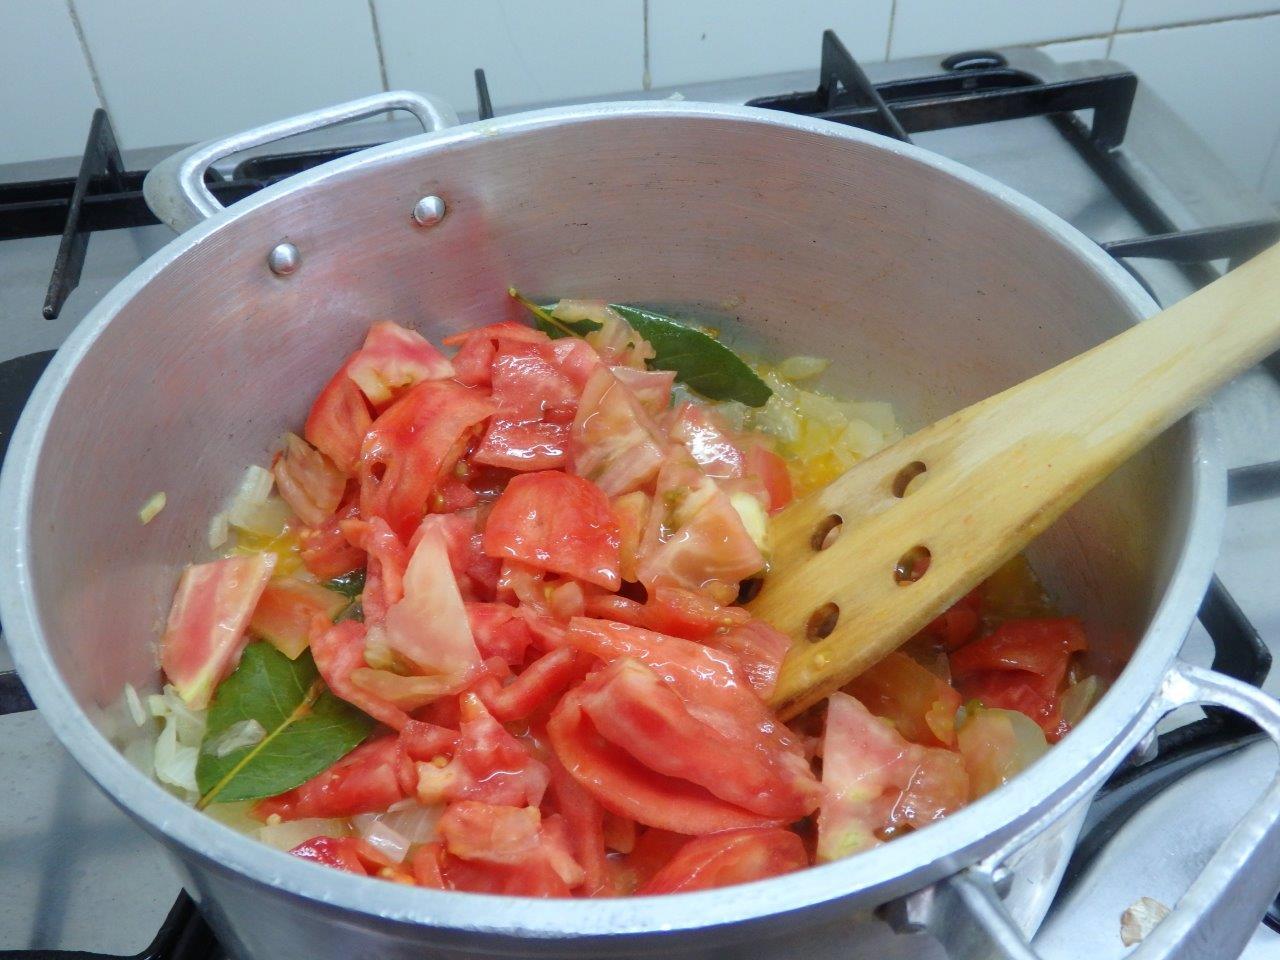 arroz de peixe galo Arroz de Peixe Galo Arroz de Peixe Galo 2